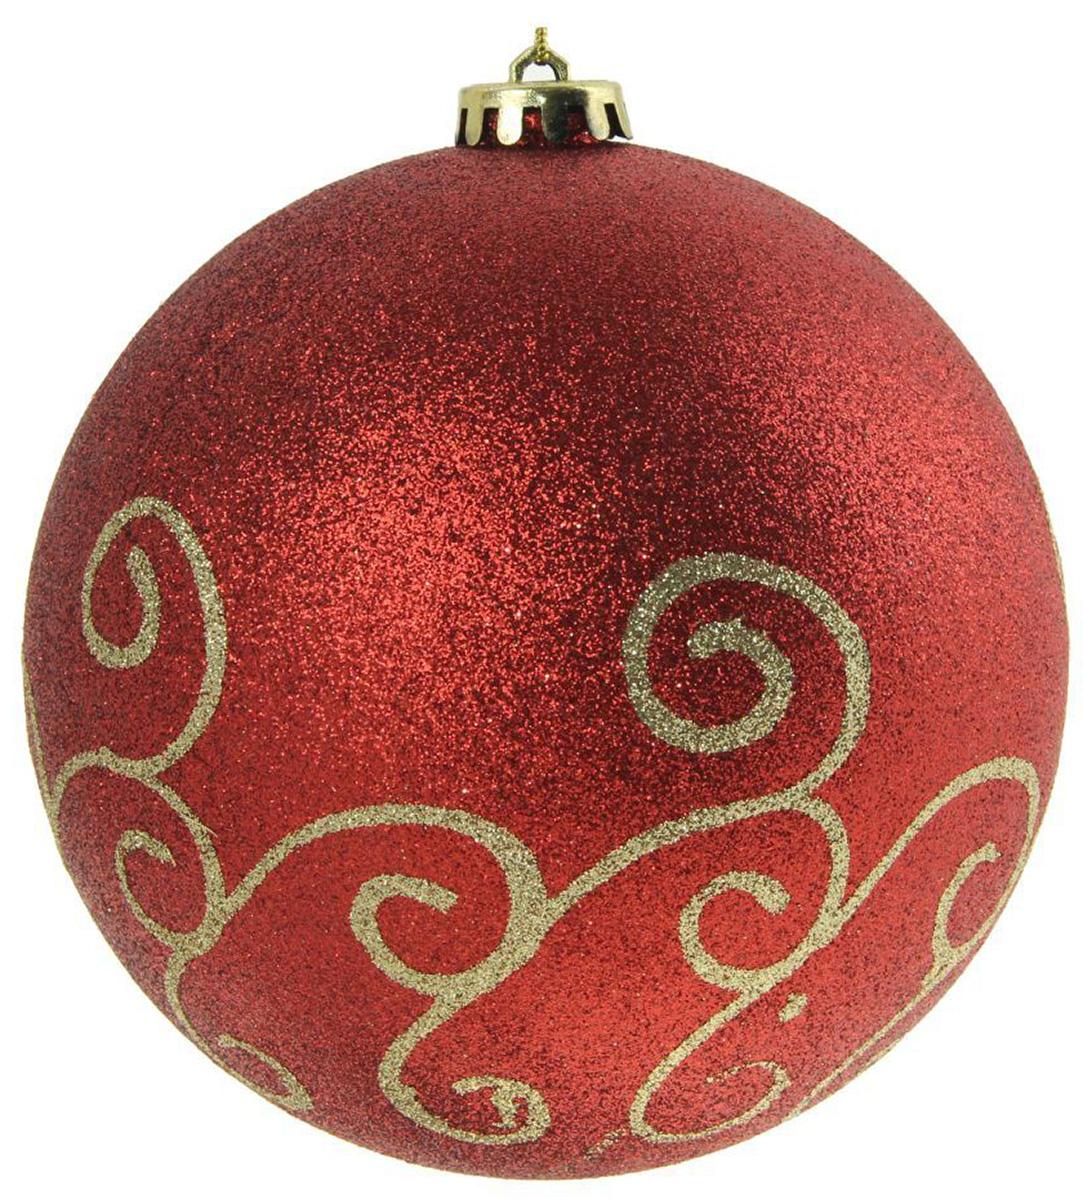 Новогоднее подвесное украшение Sima-land Красный узор, диаметр 15 см1305732Новогоднее украшение Sima-land отлично подойдет для декорации вашего дома и новогодней ели. Елочная игрушка - символ Нового года. Она несет в себе волшебство и красоту праздника. Такое украшение создаст в вашем доме атмосферу праздника, веселья и радости.